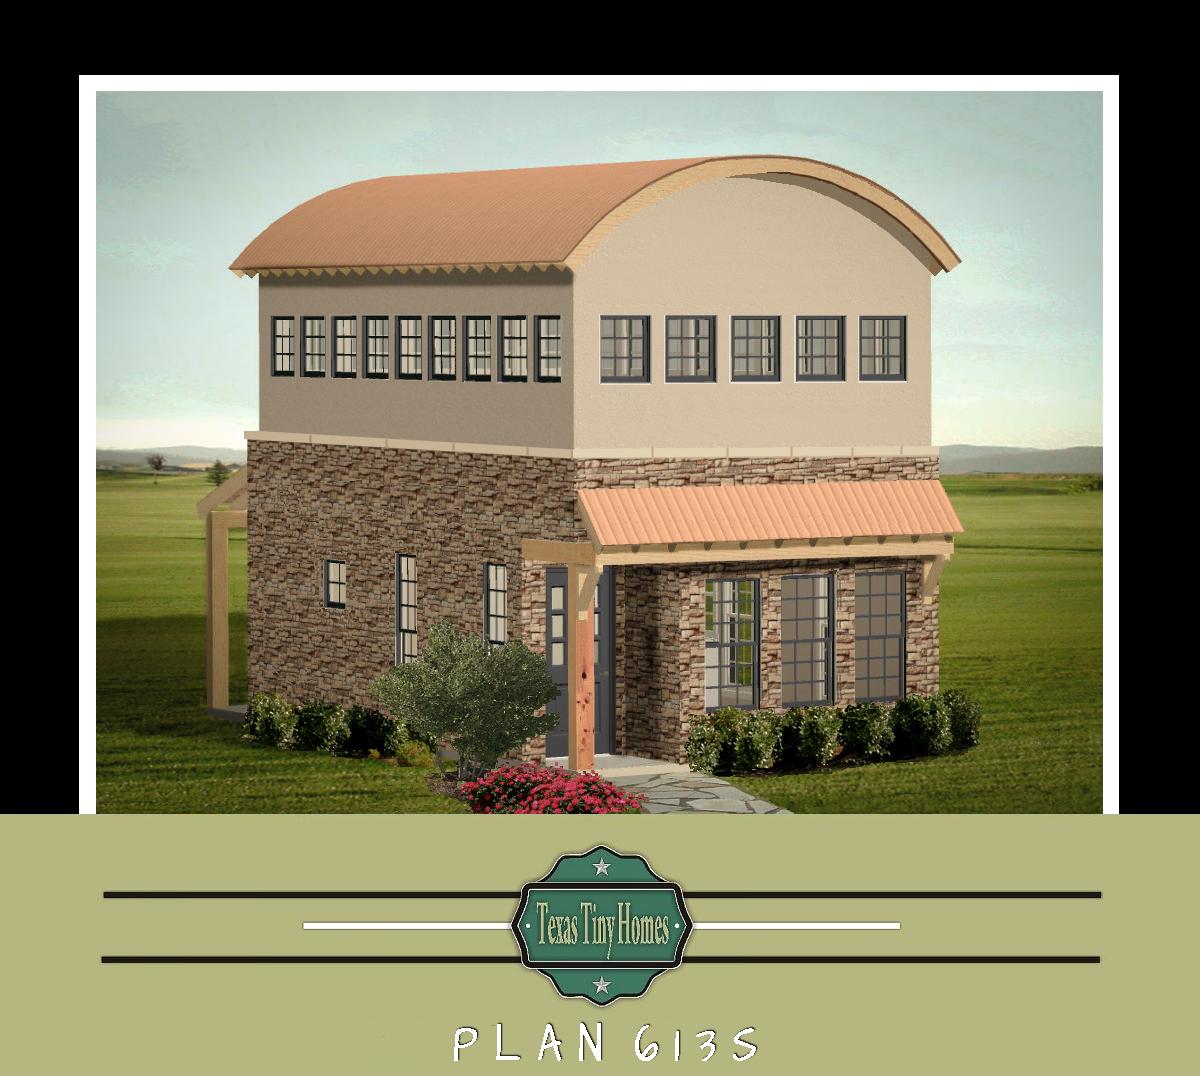 Plan 613 S